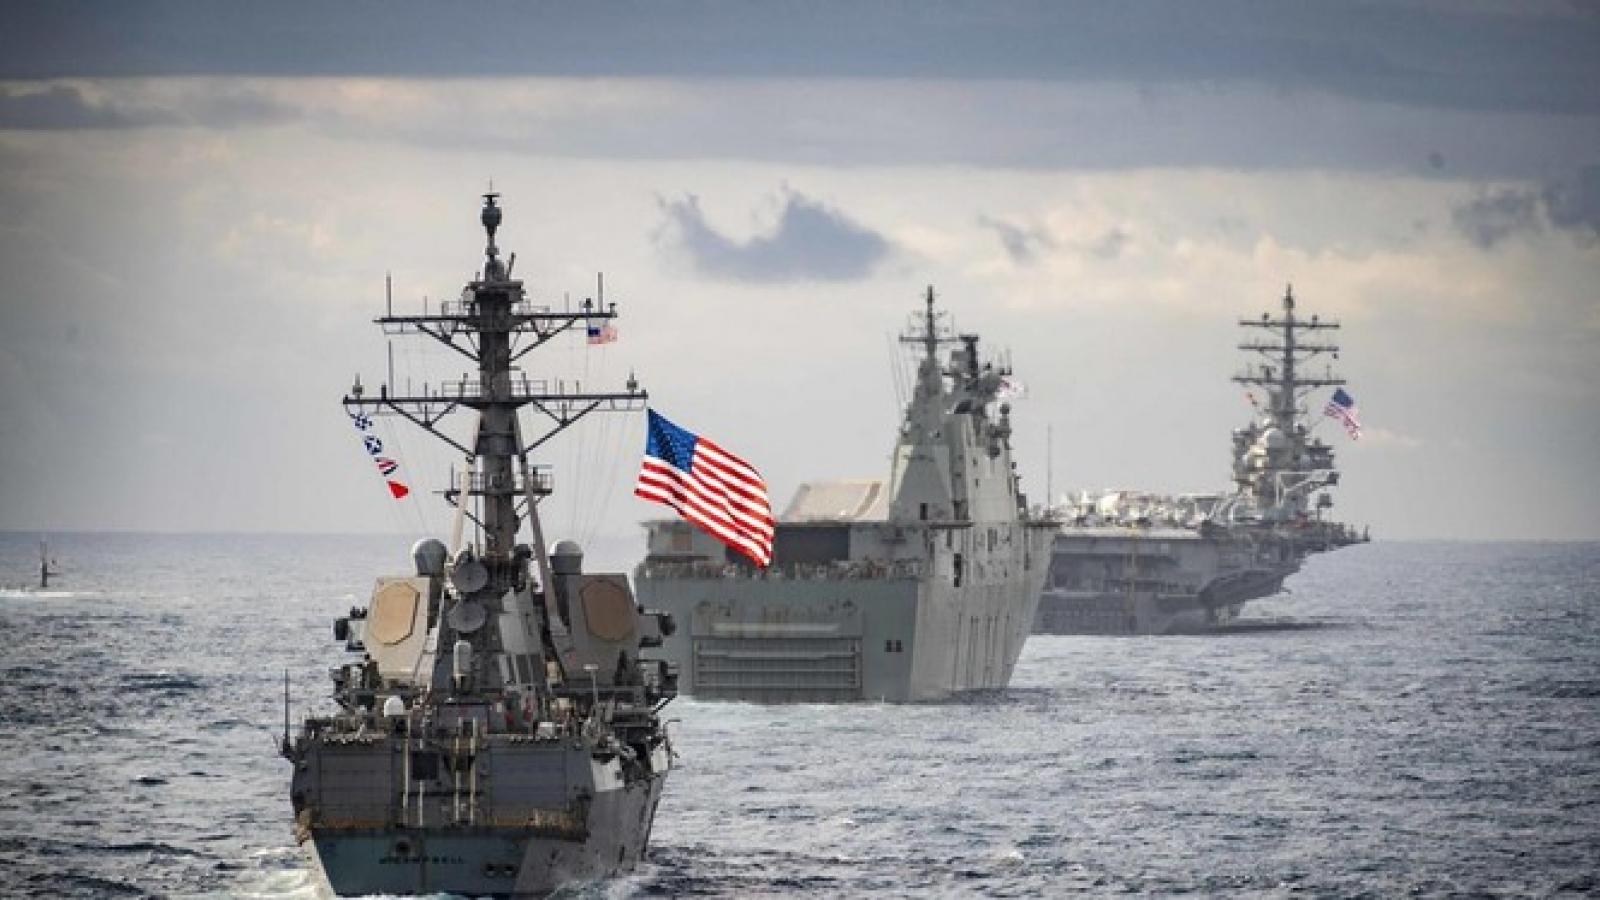 Mỹ khôi phục hạm đội viễn chinh, kiềm chế tham vọng của Trung Quốc